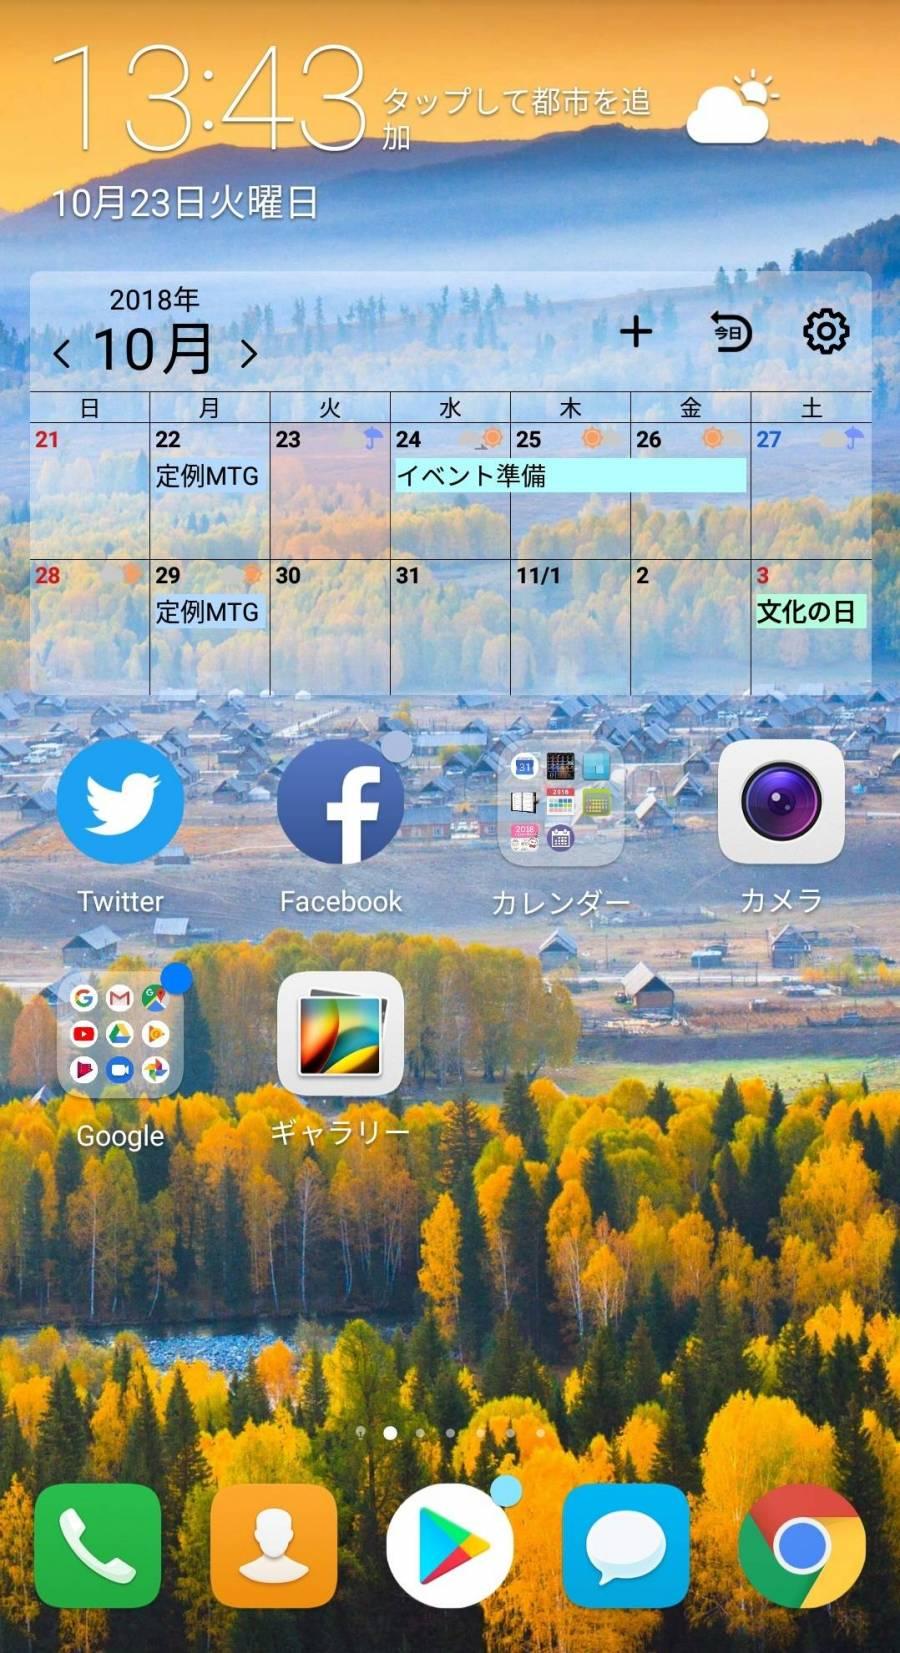 Androidカレンダーウィジェットおすすめ6選 機能 デザインを徹底比較